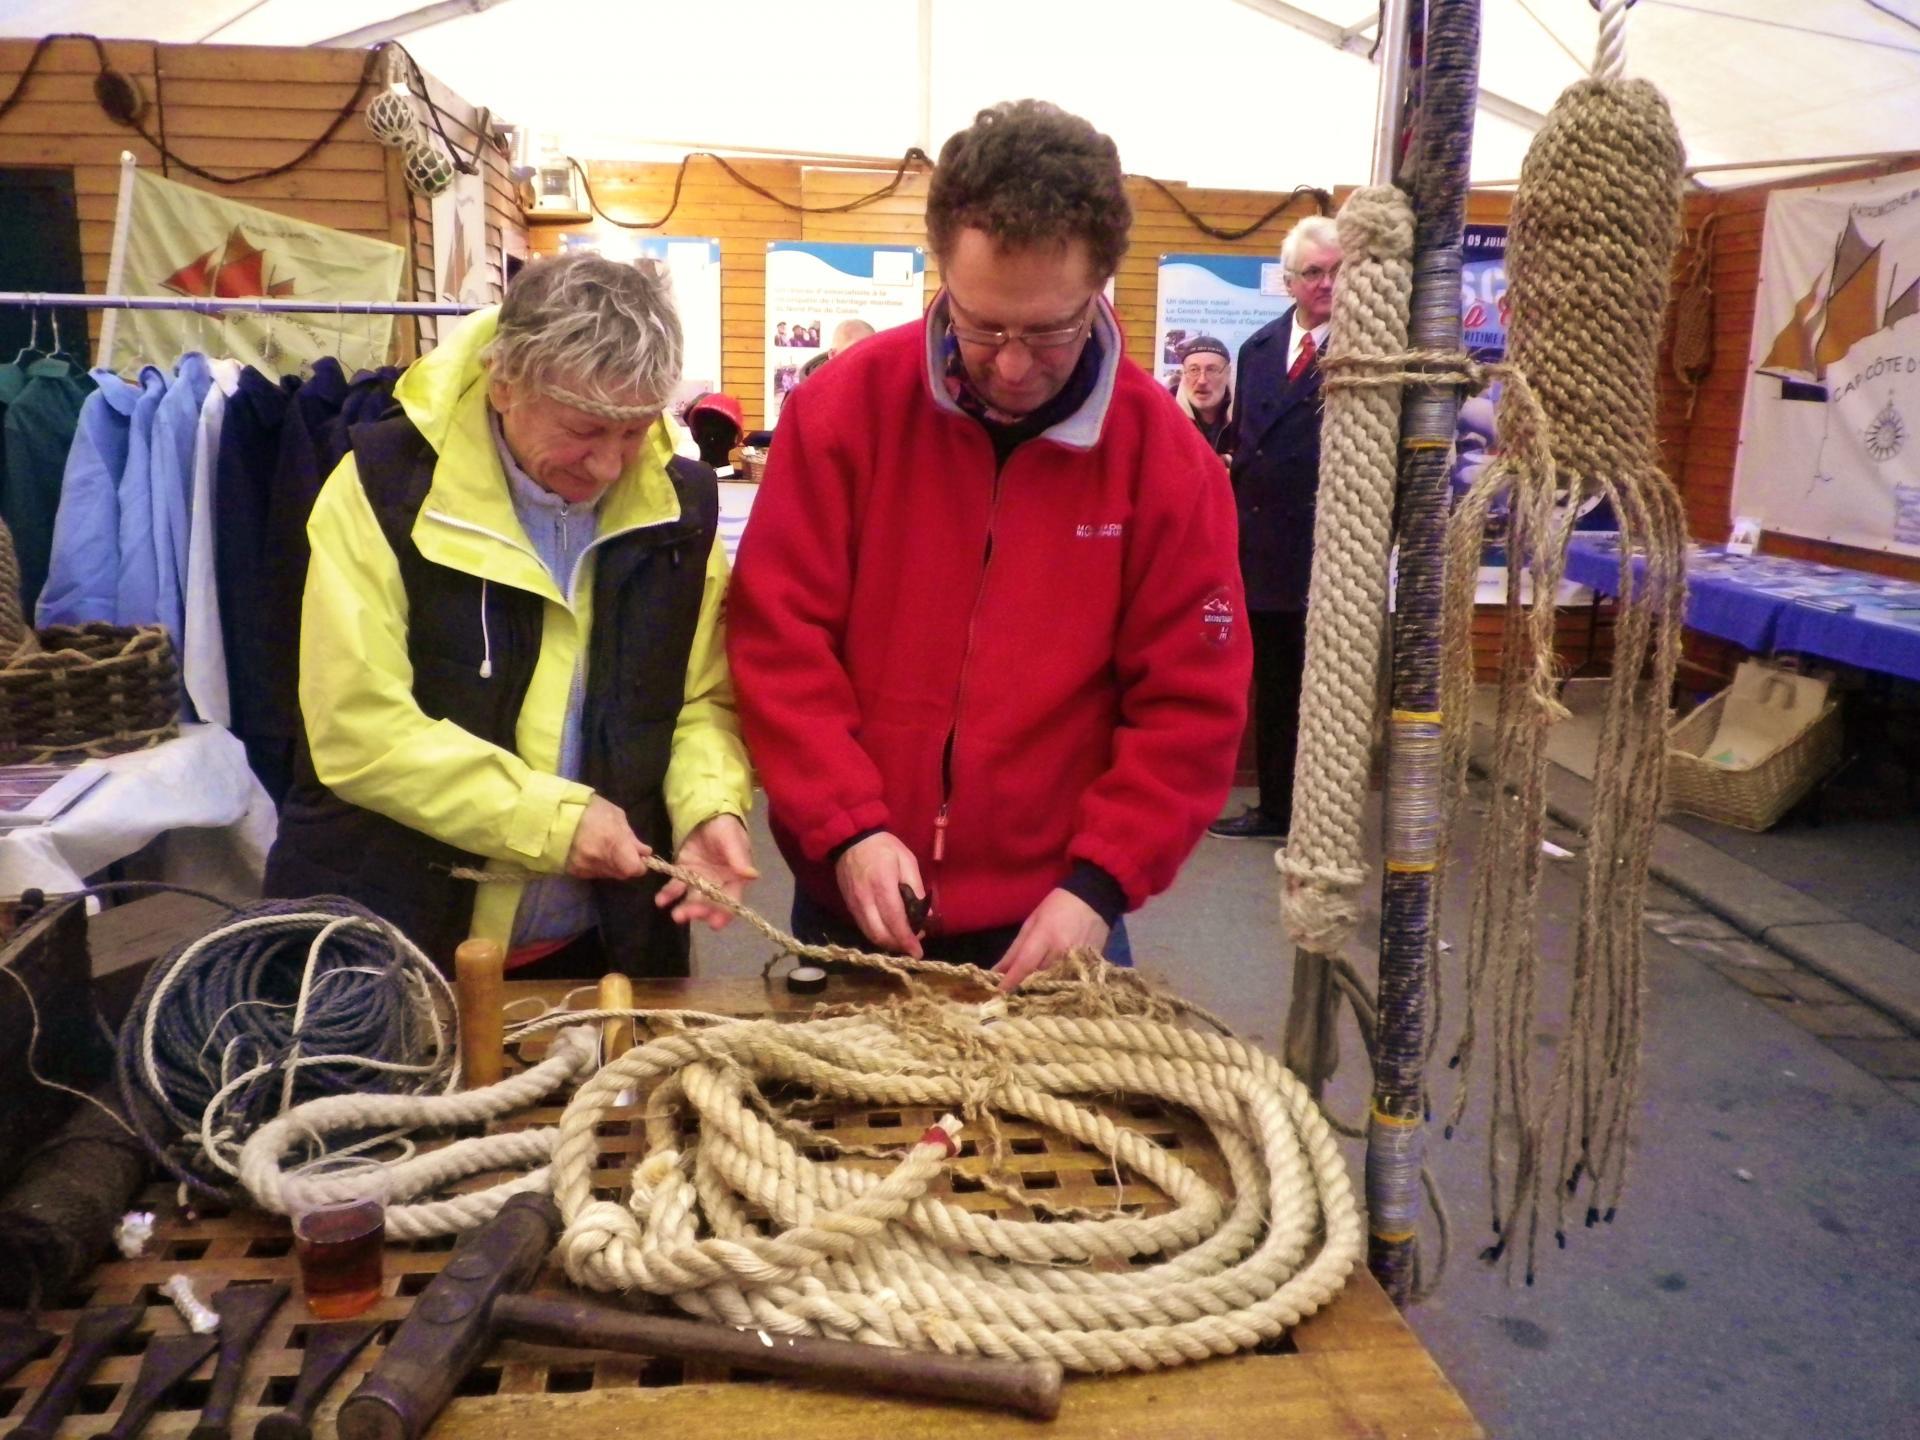 Travaux de matelotage a la fete du hareng calais courgain